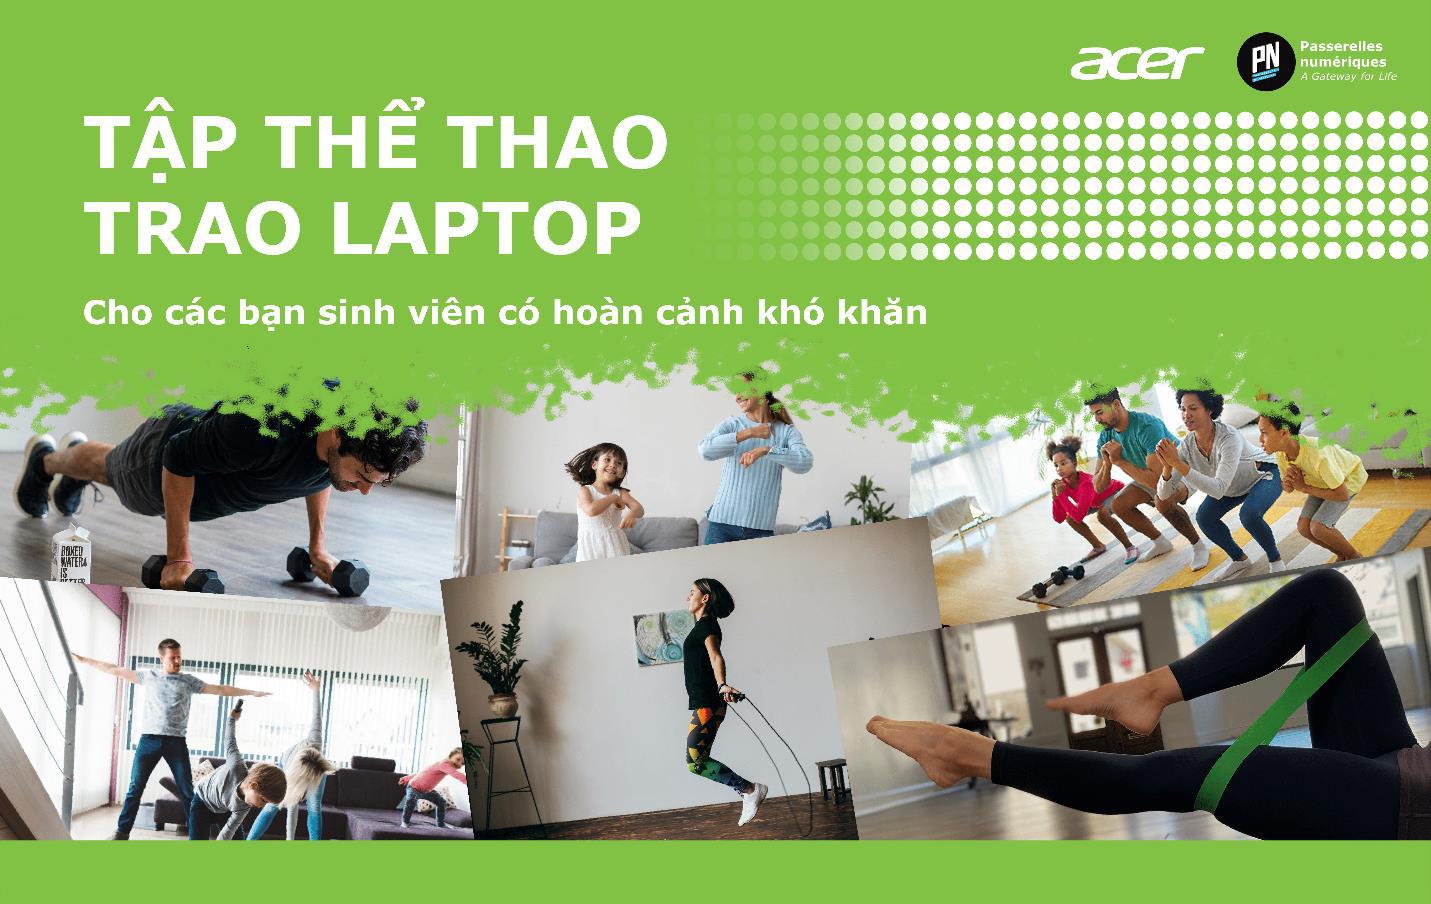 """Vượt qua nỗi lo đại dịch, cùng Acer """"Tập thể thao - Trao laptop"""" cho sinh viên có hoàn cảnh khó khăn - Ảnh 1."""